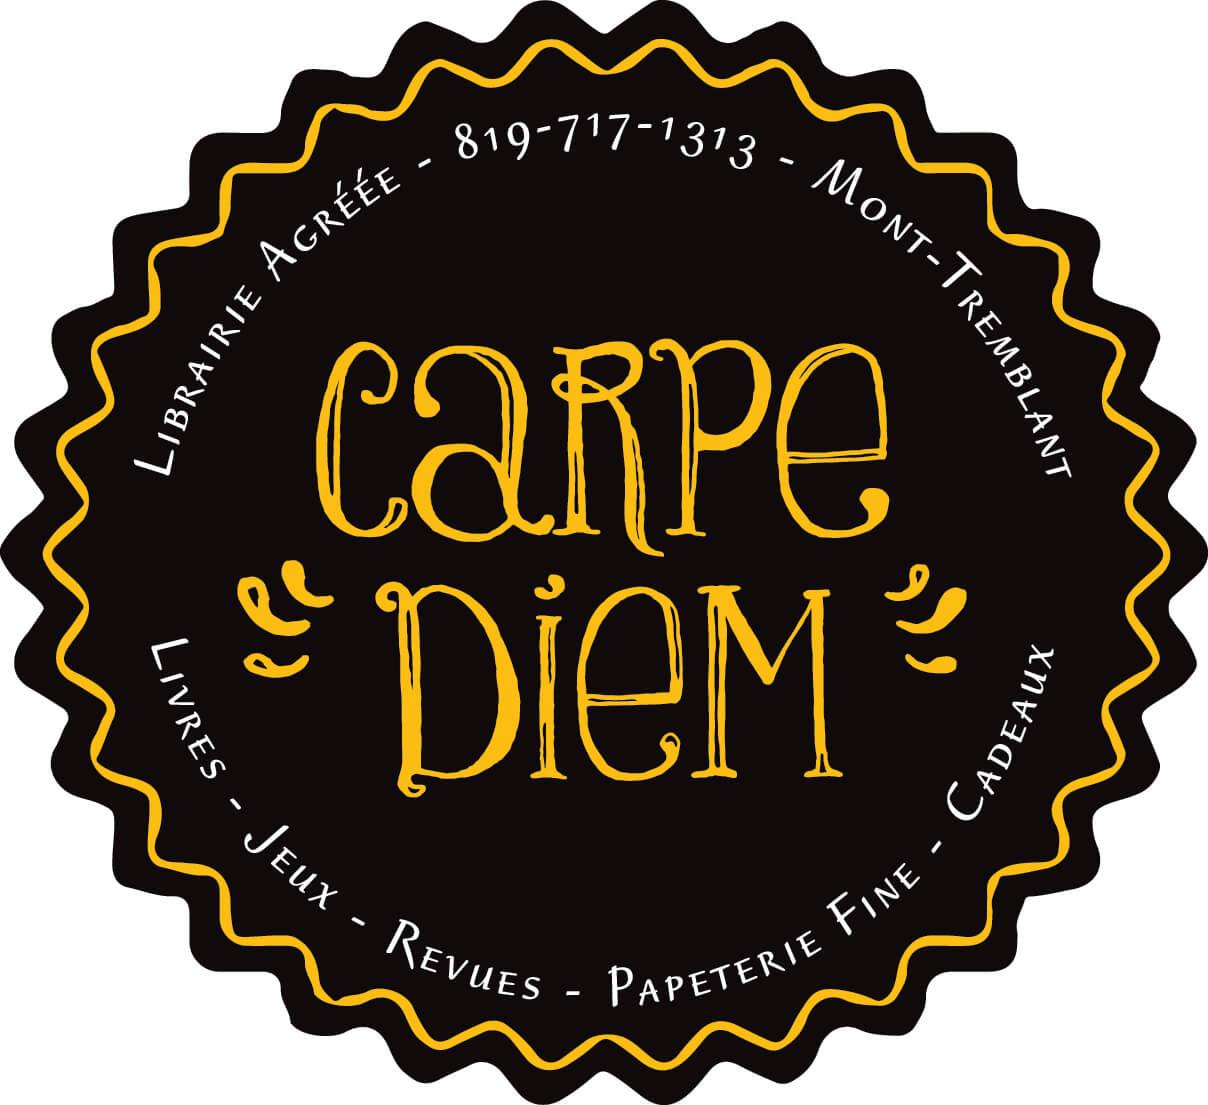 Librairie Carpe Diem - coffret Samuel Signes à la plage - langage des signes simplifiés